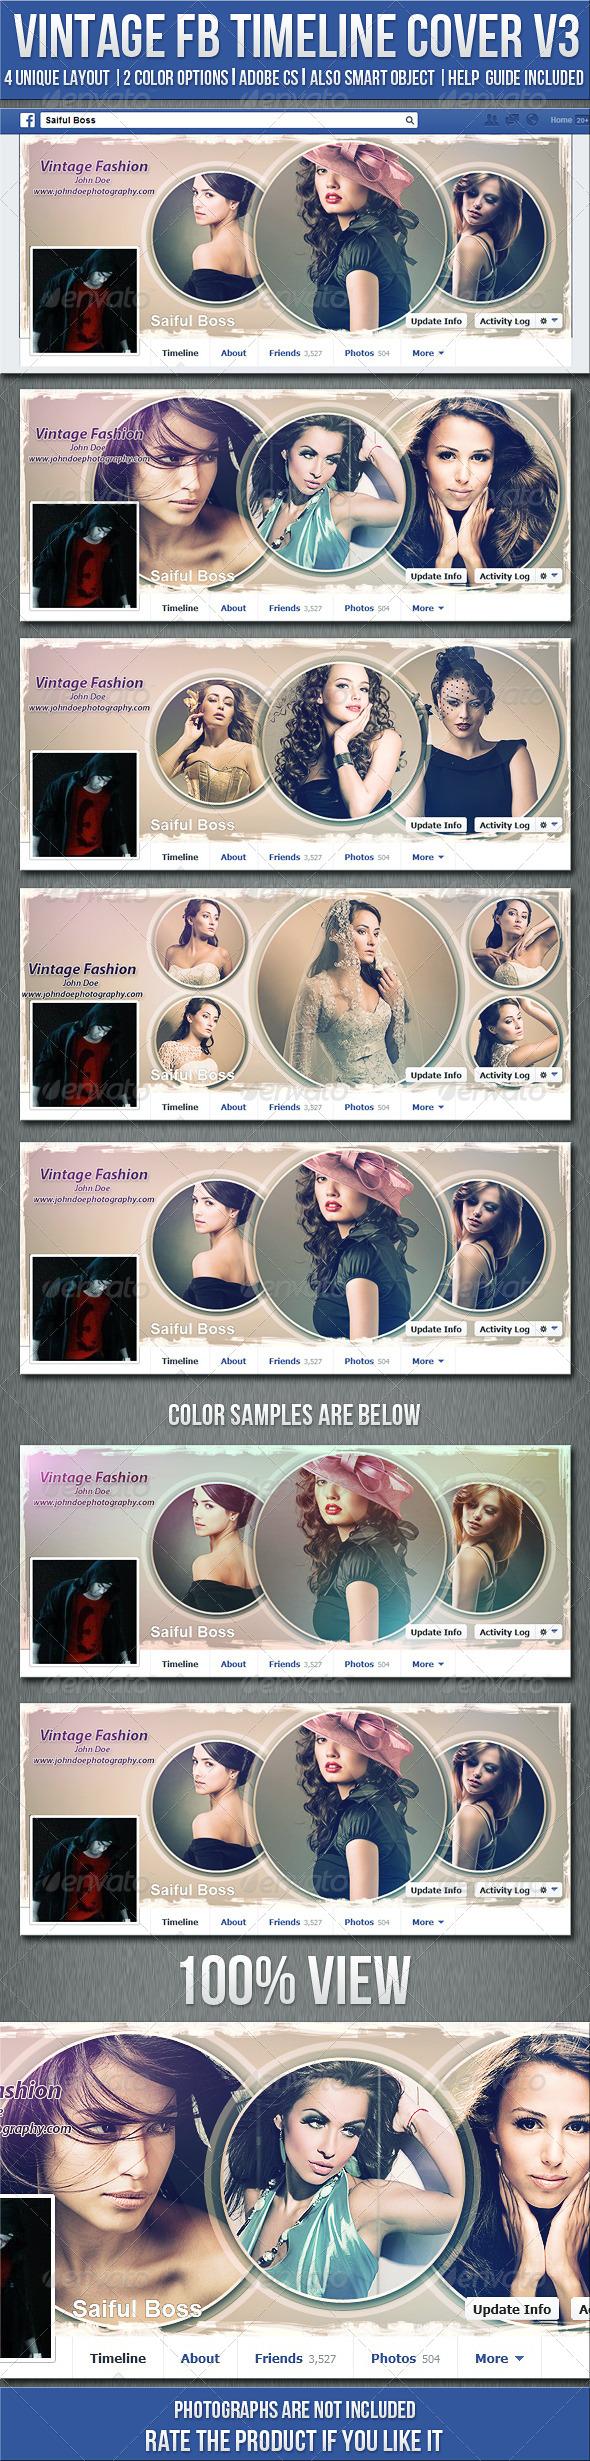 Vintage Photography Fb Timeline Cover V3 - Facebook Timeline Covers Social Media